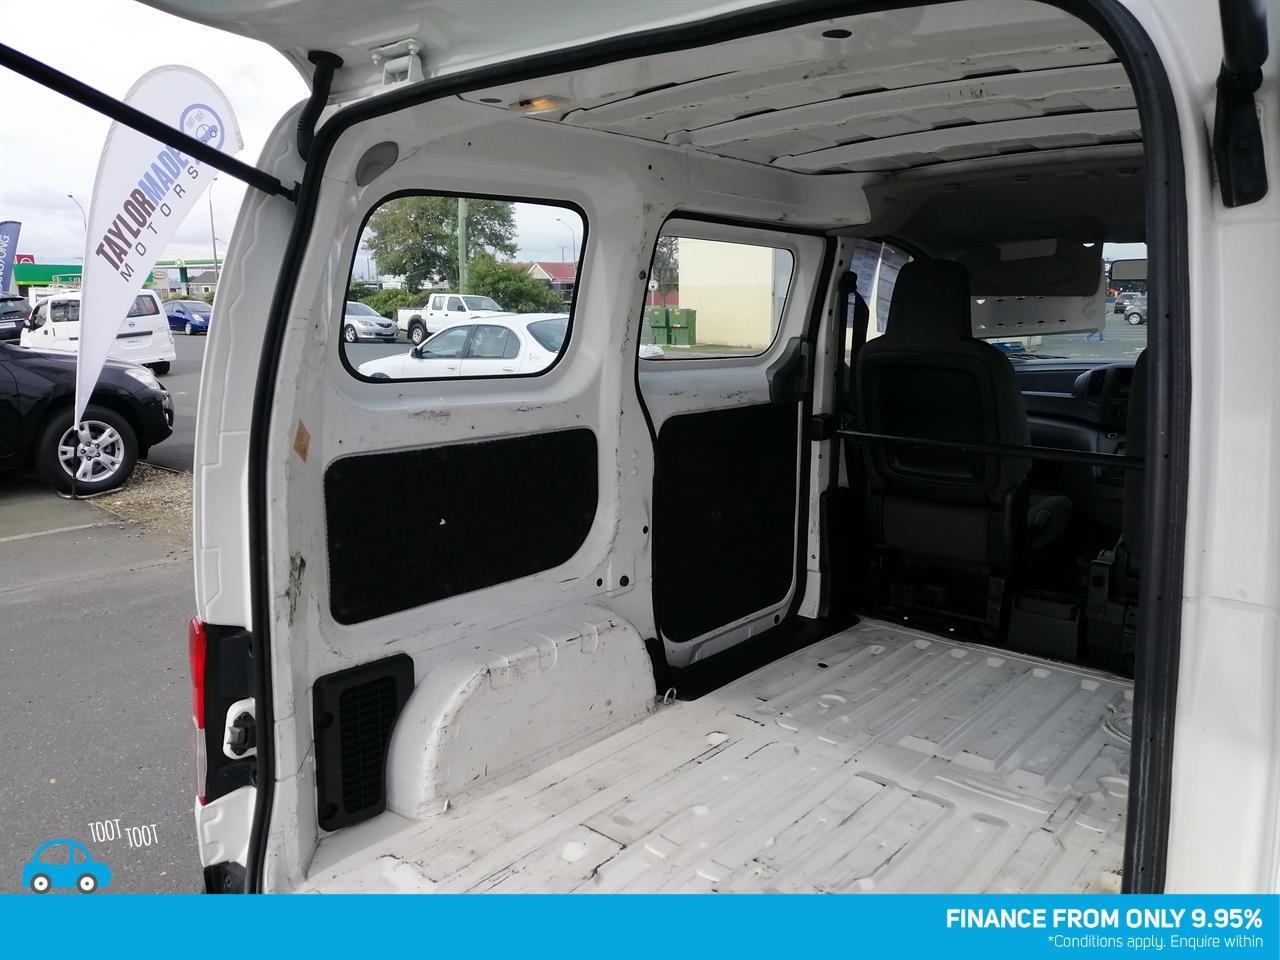 image-11, 2012 Nissan NV200 Vanette at Dunedin